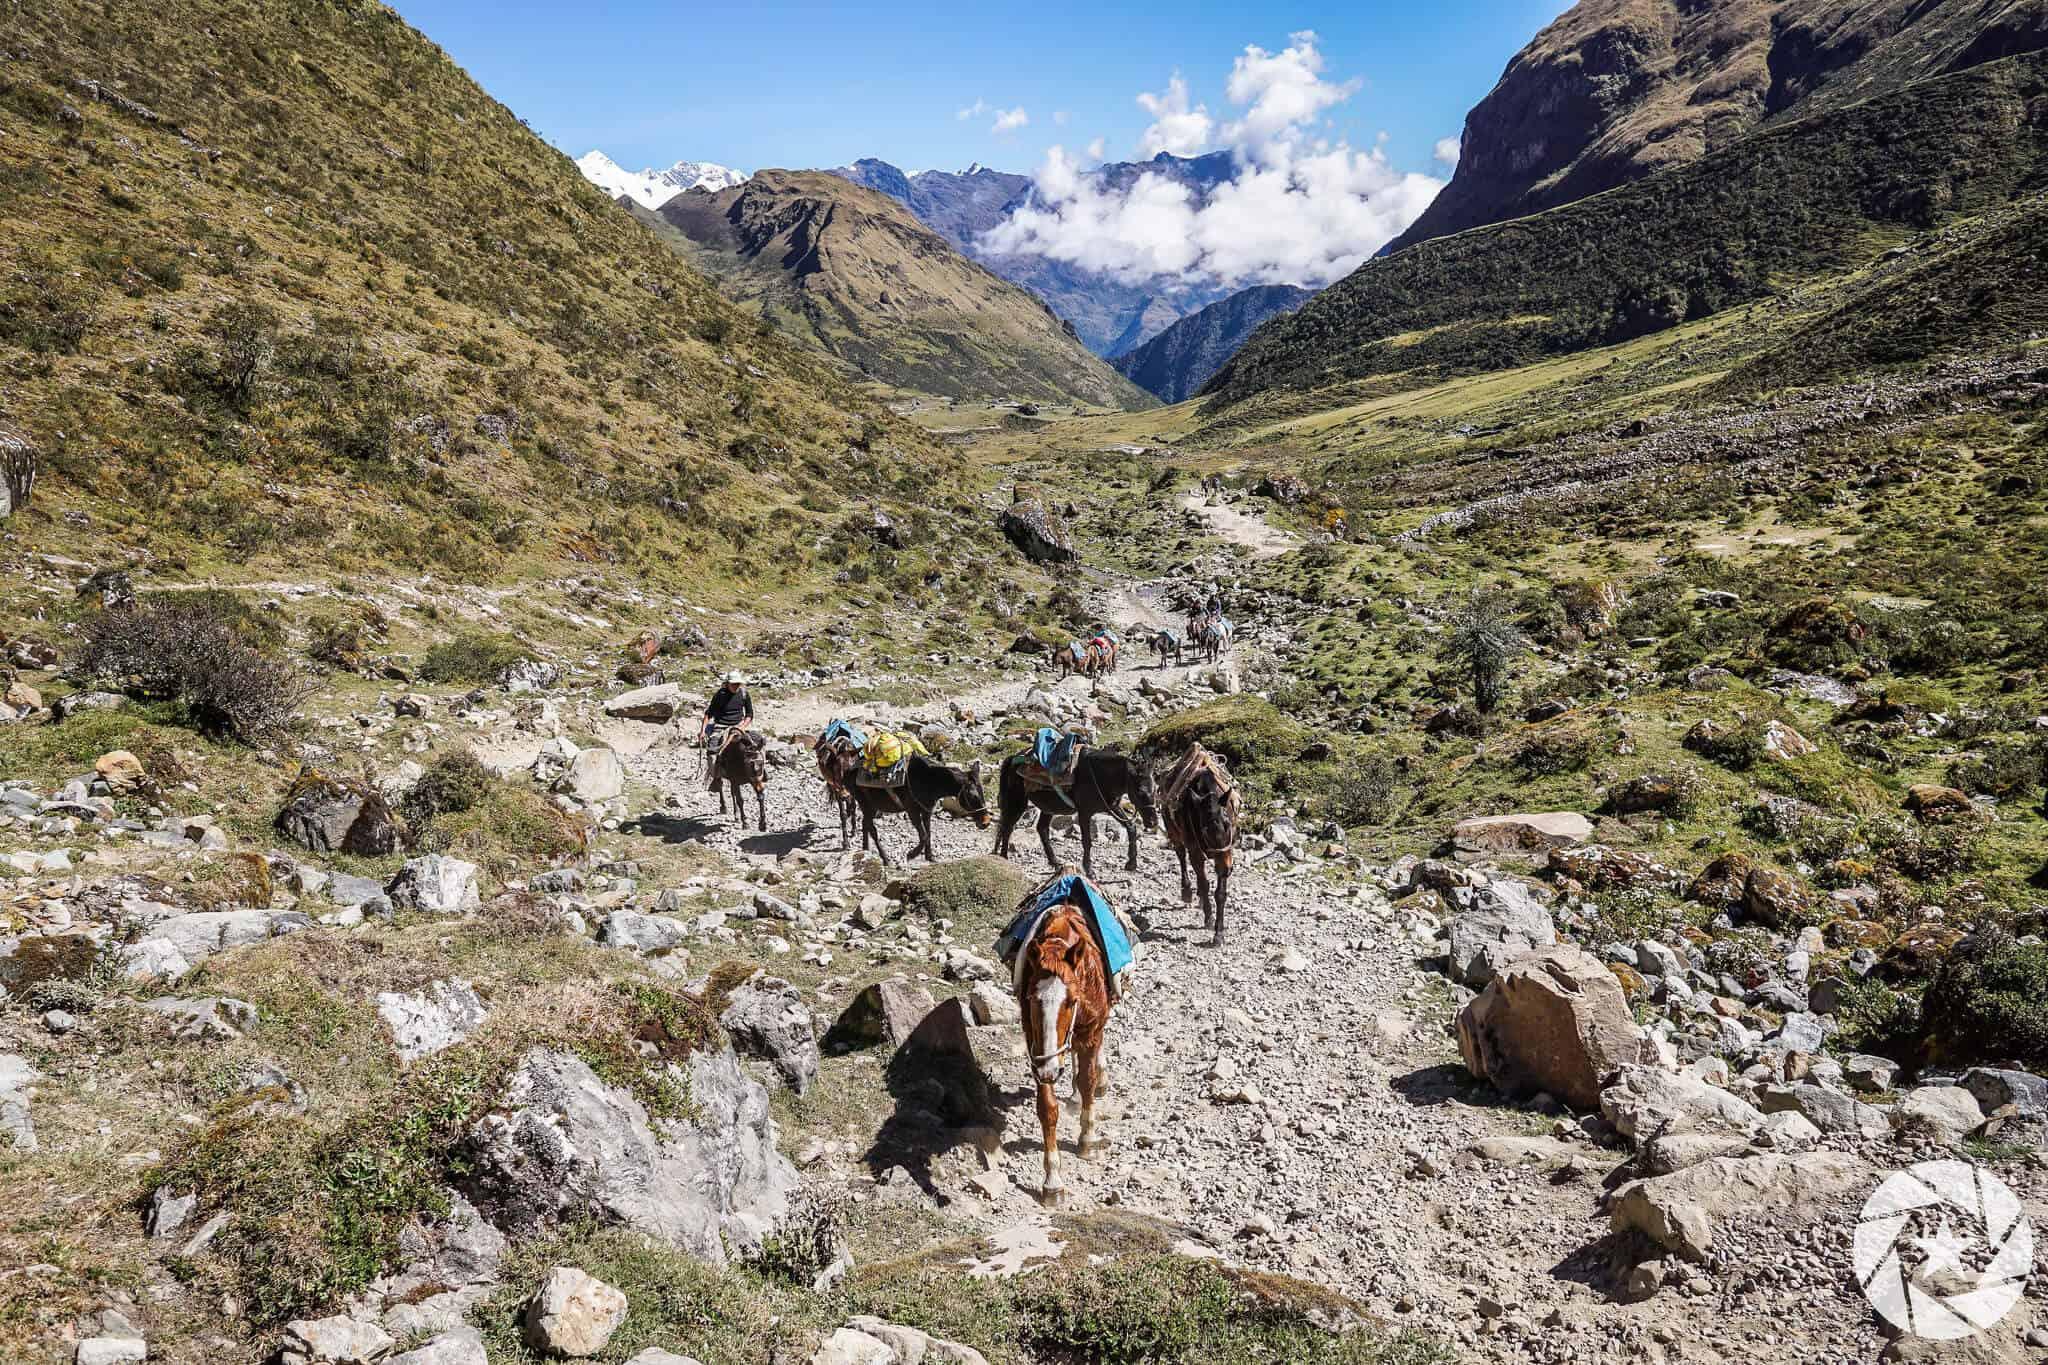 Salkantay Trail with horses